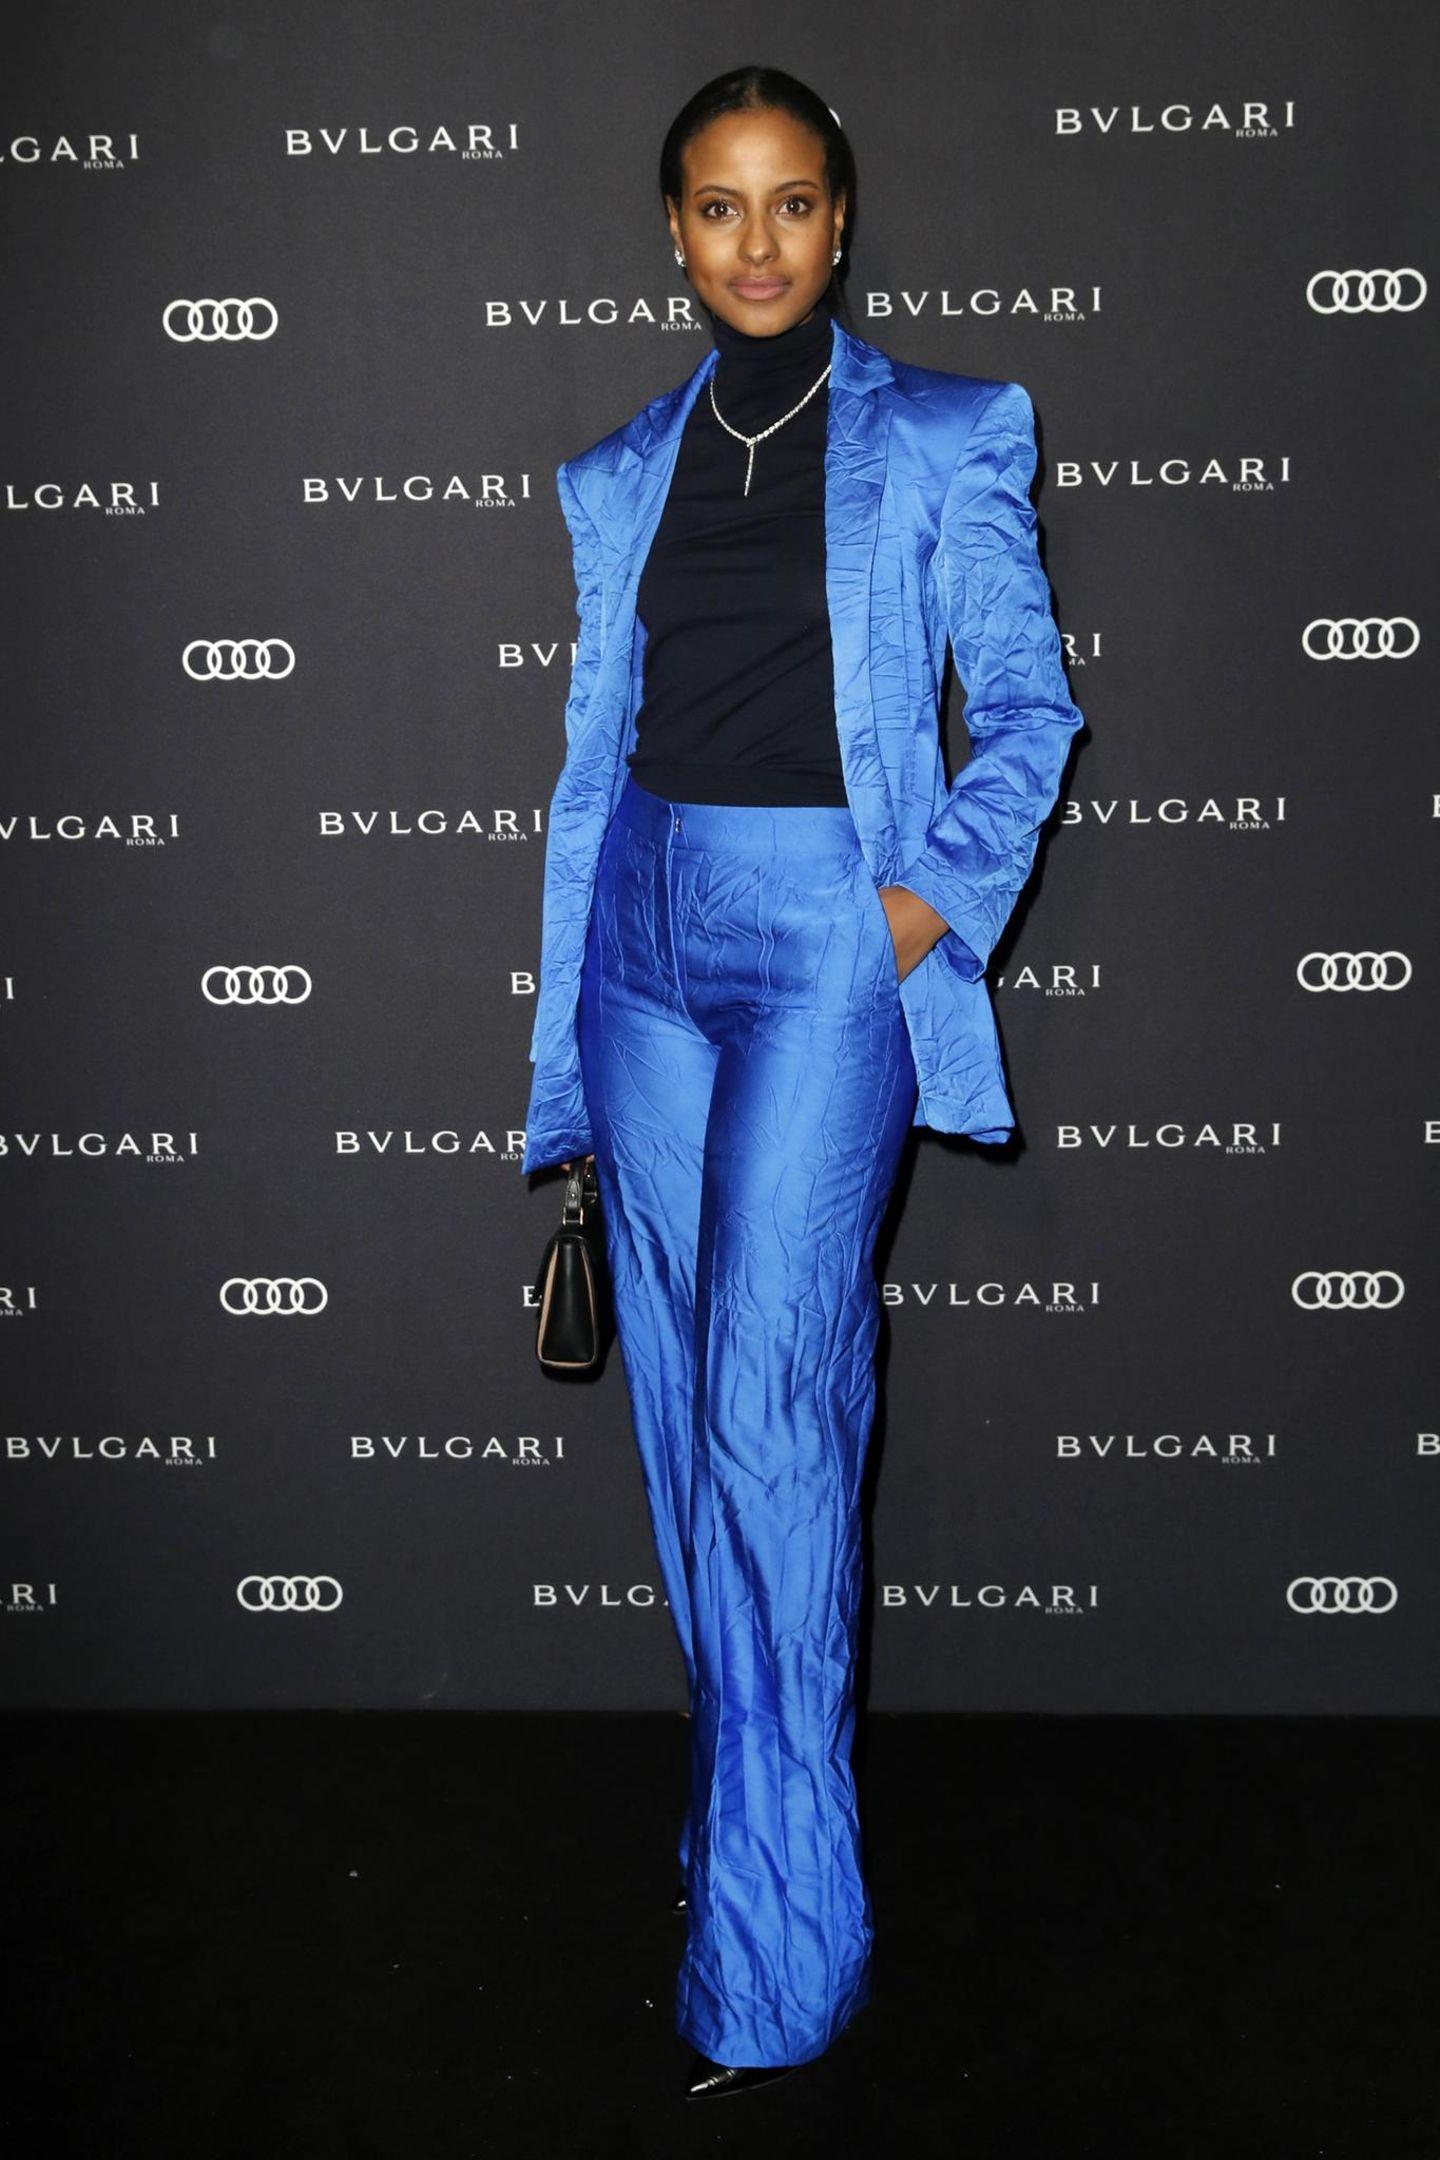 Sara Nuru im blauen Anzug